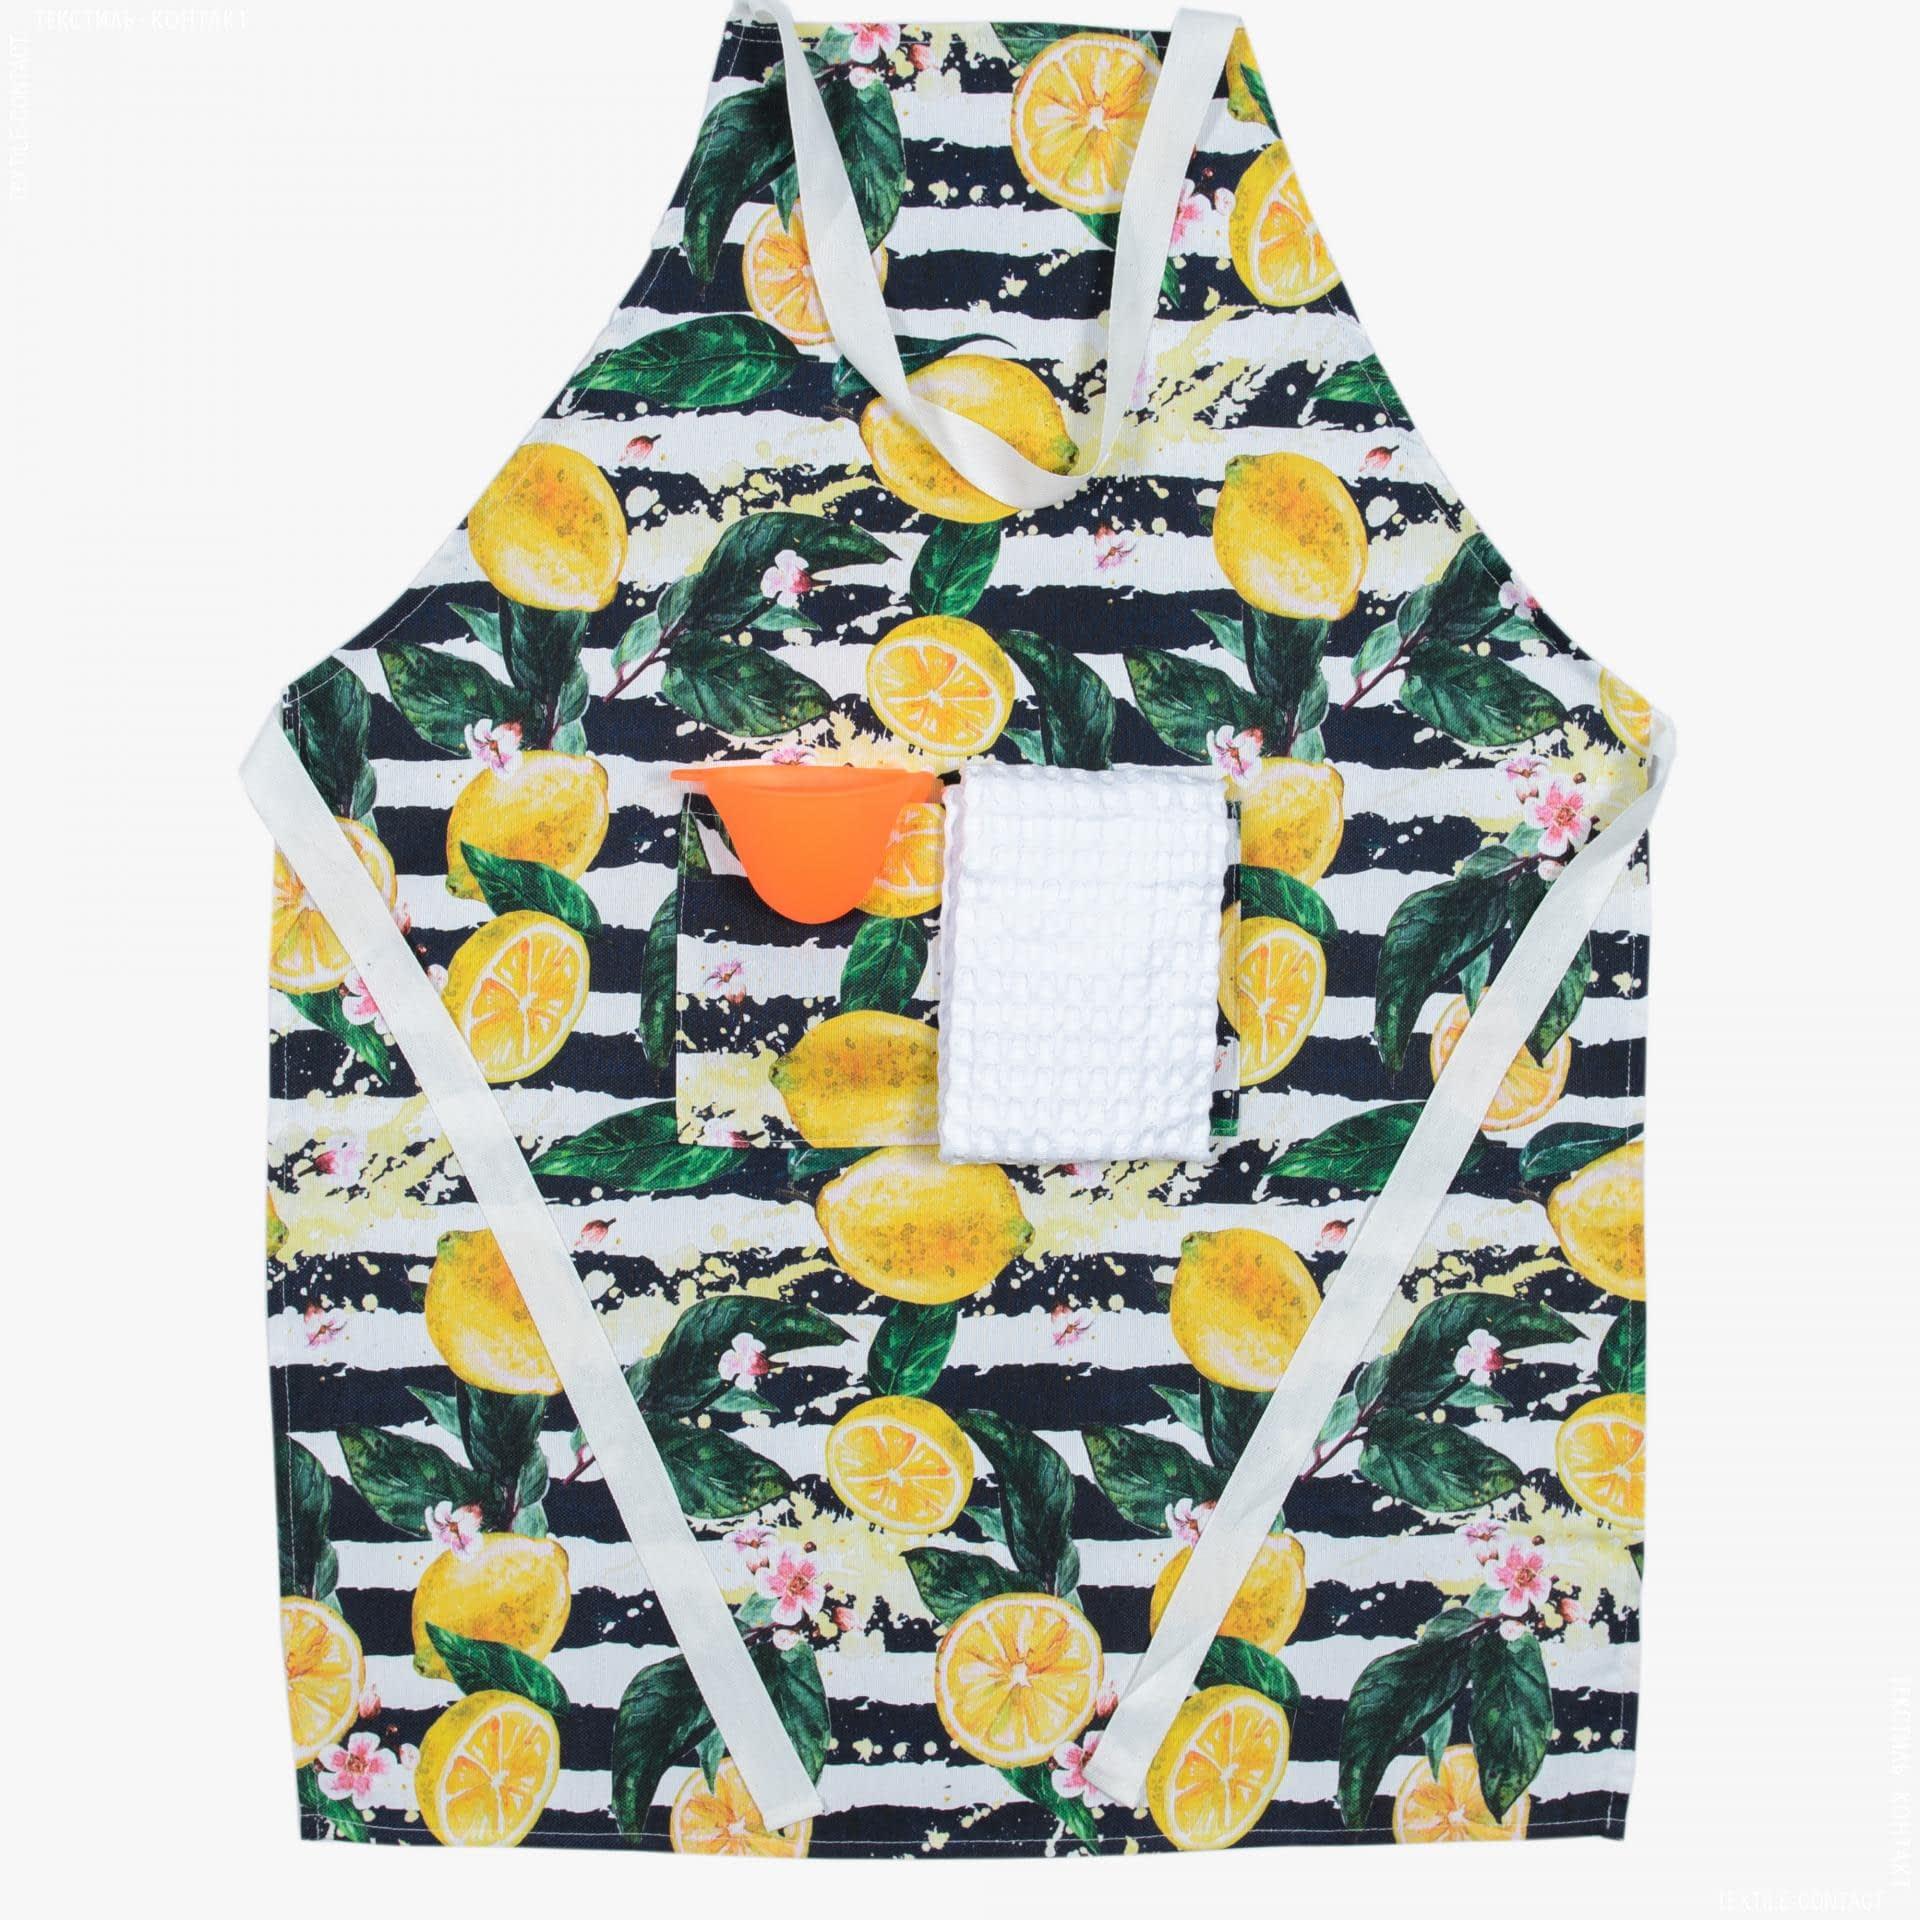 Ткани текстиль для кухни - Комплект кухонный : фартук, полотенце, прихватка/ принт лимоны